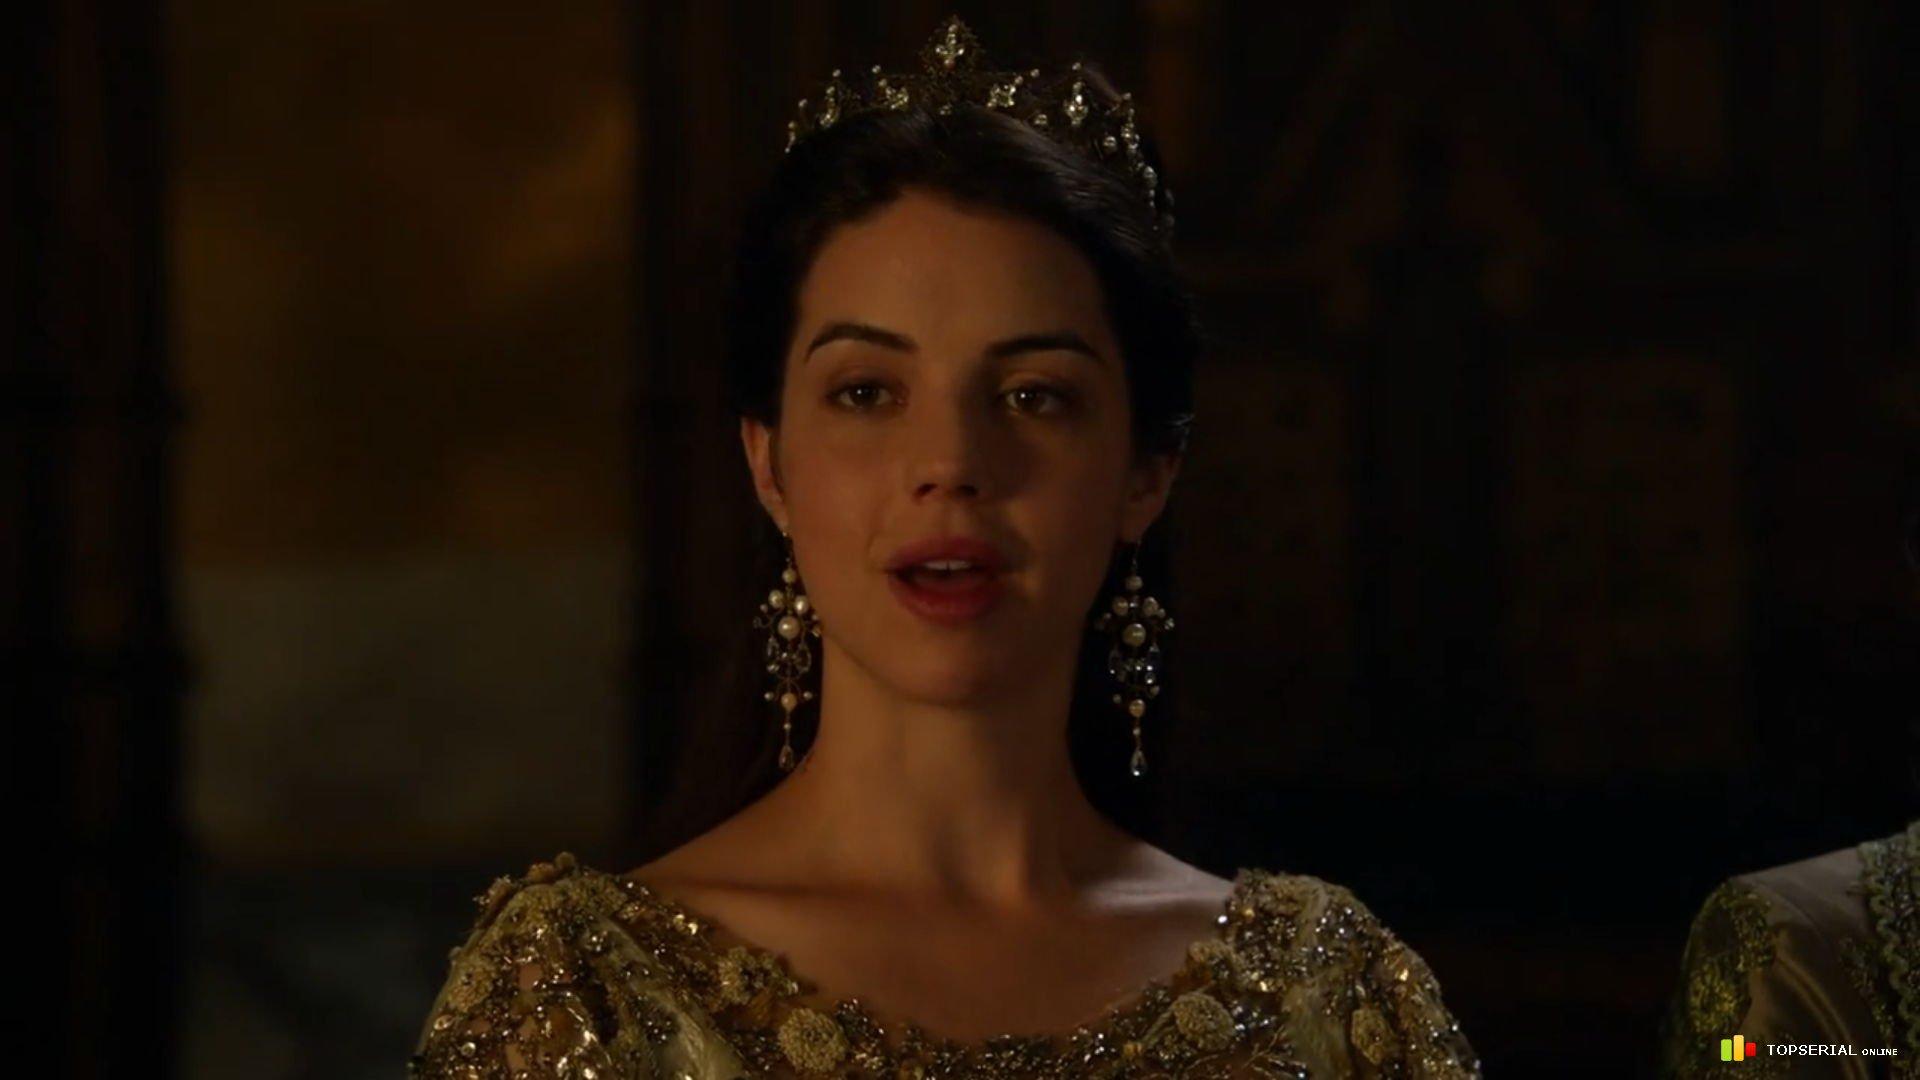 Царство красоты (2015) смотреть онлайн в хорошем качестве